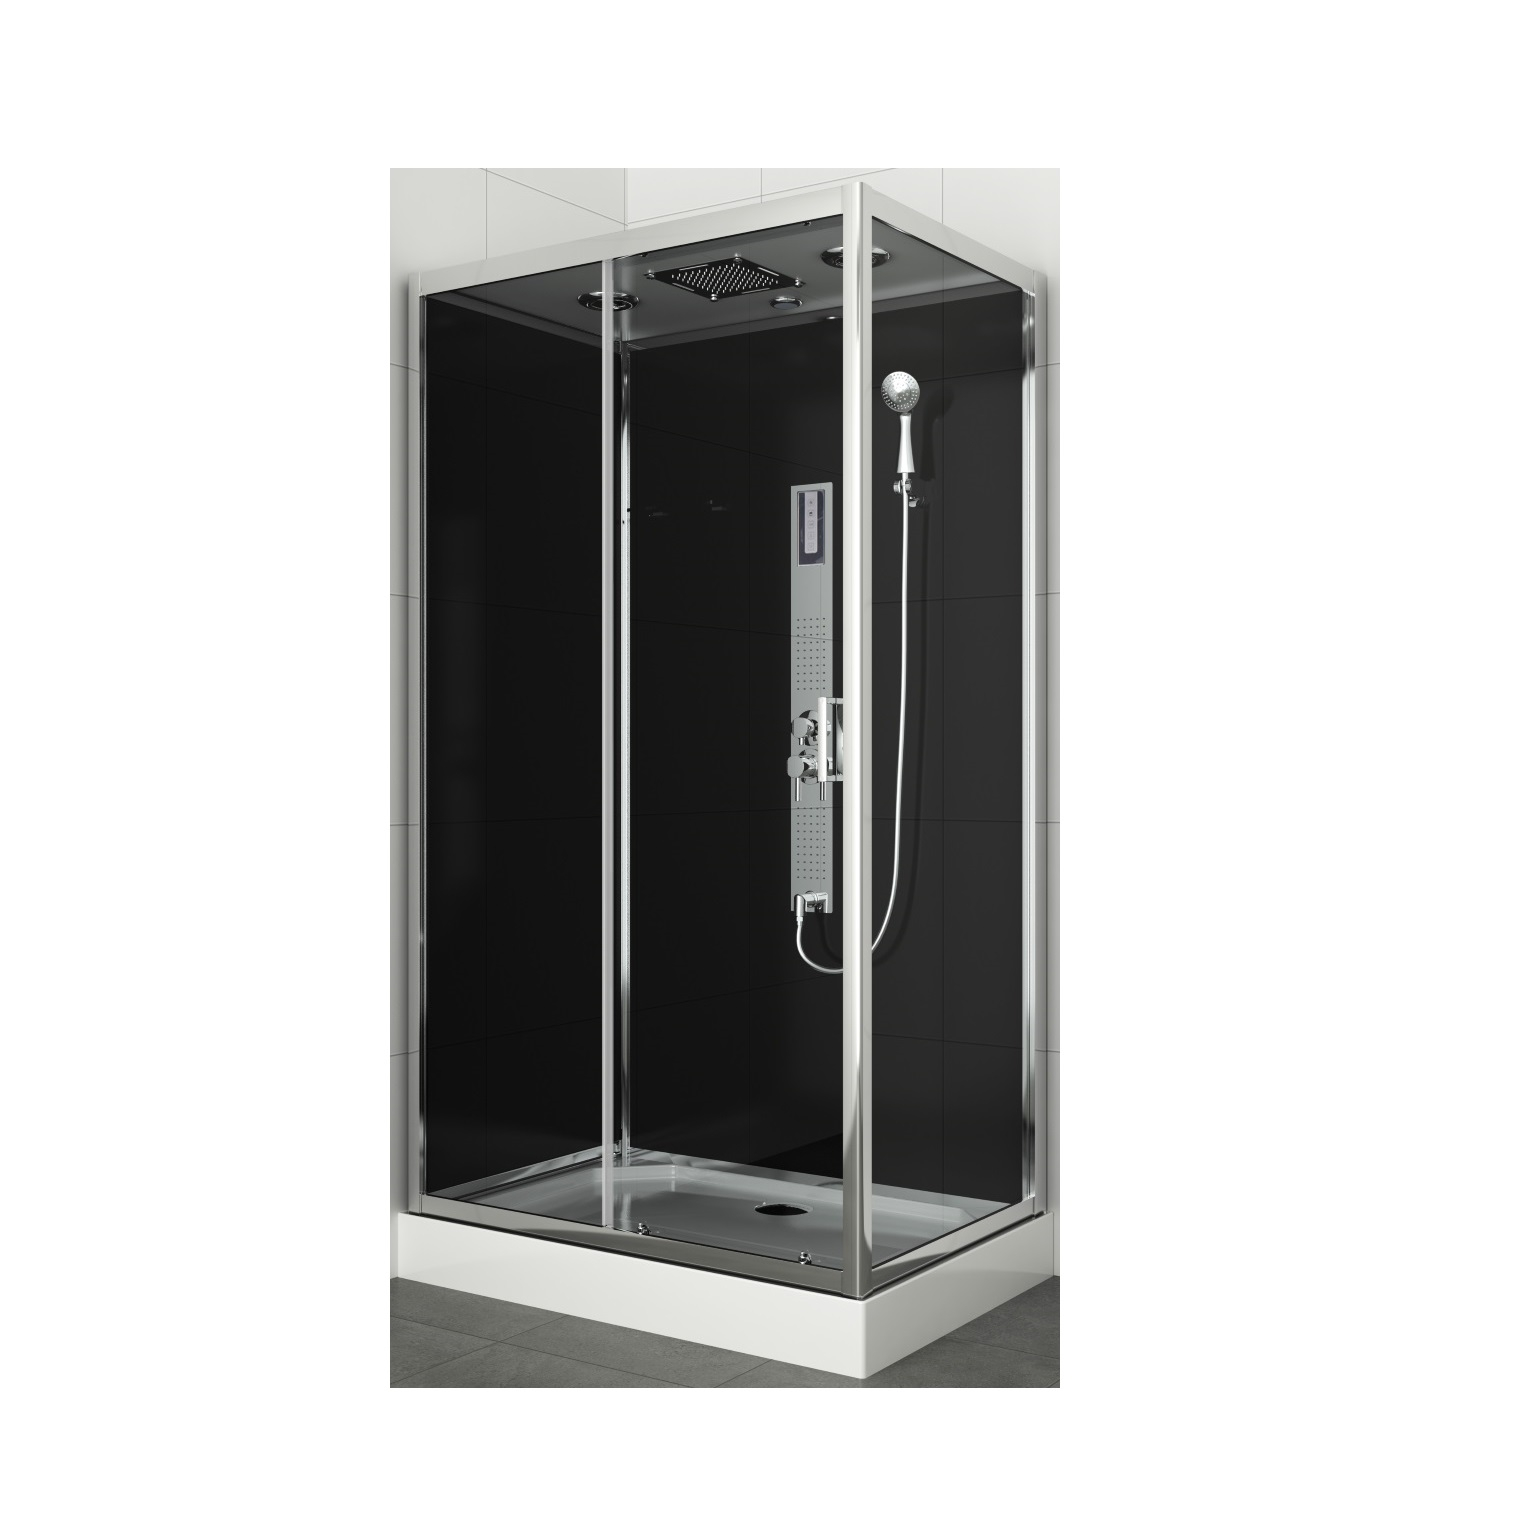 Douchecabine Allibert Gipsy 225x80x120 cm Rechthoek Frontale Instap Schuifdeur 4mm Helder Glas